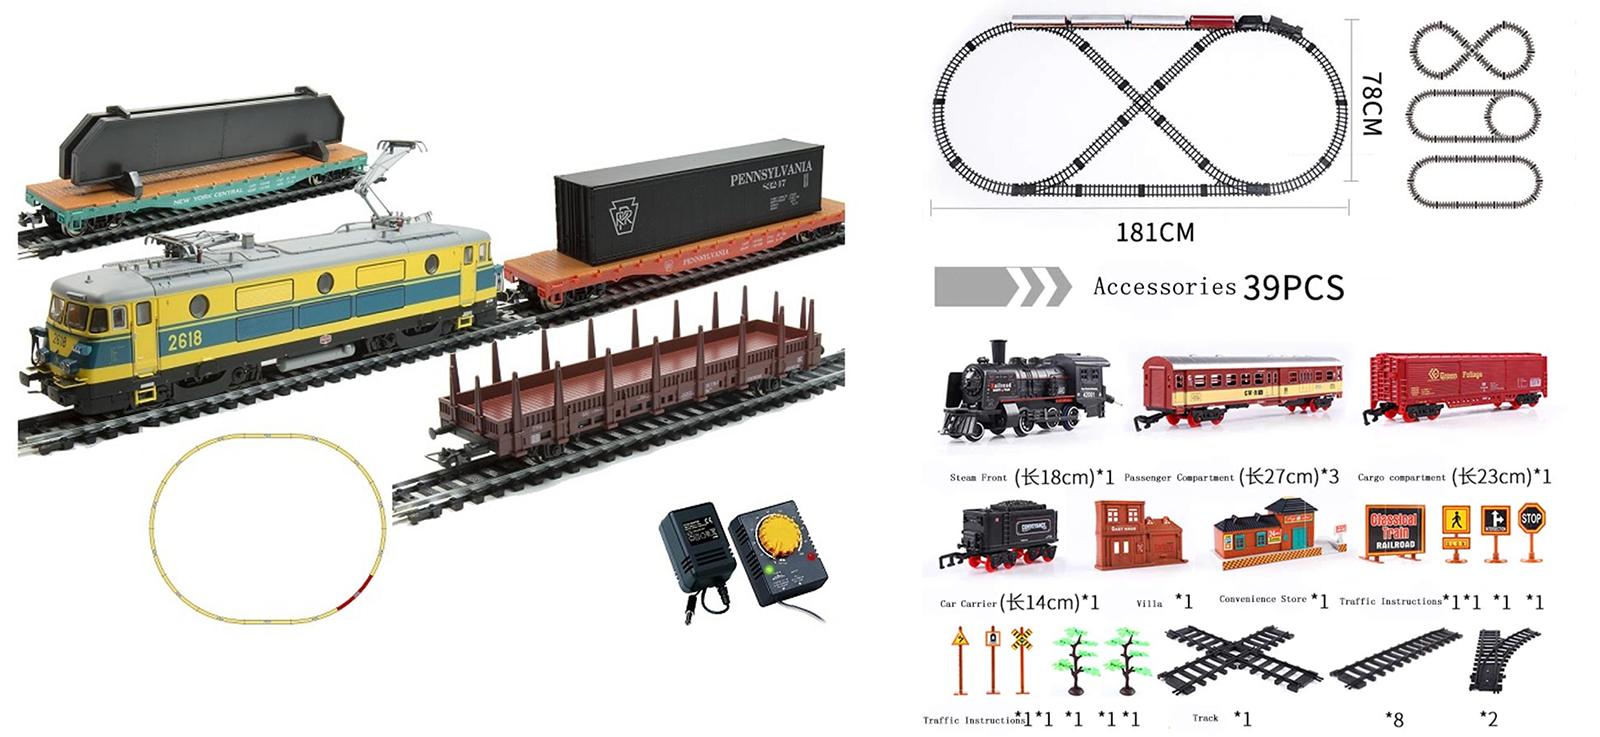 Слева — оригинал: электровоз с тремя вагонами, рельсы и блок питания — 14 999 р.. Справа — аналог: от 2400 р.